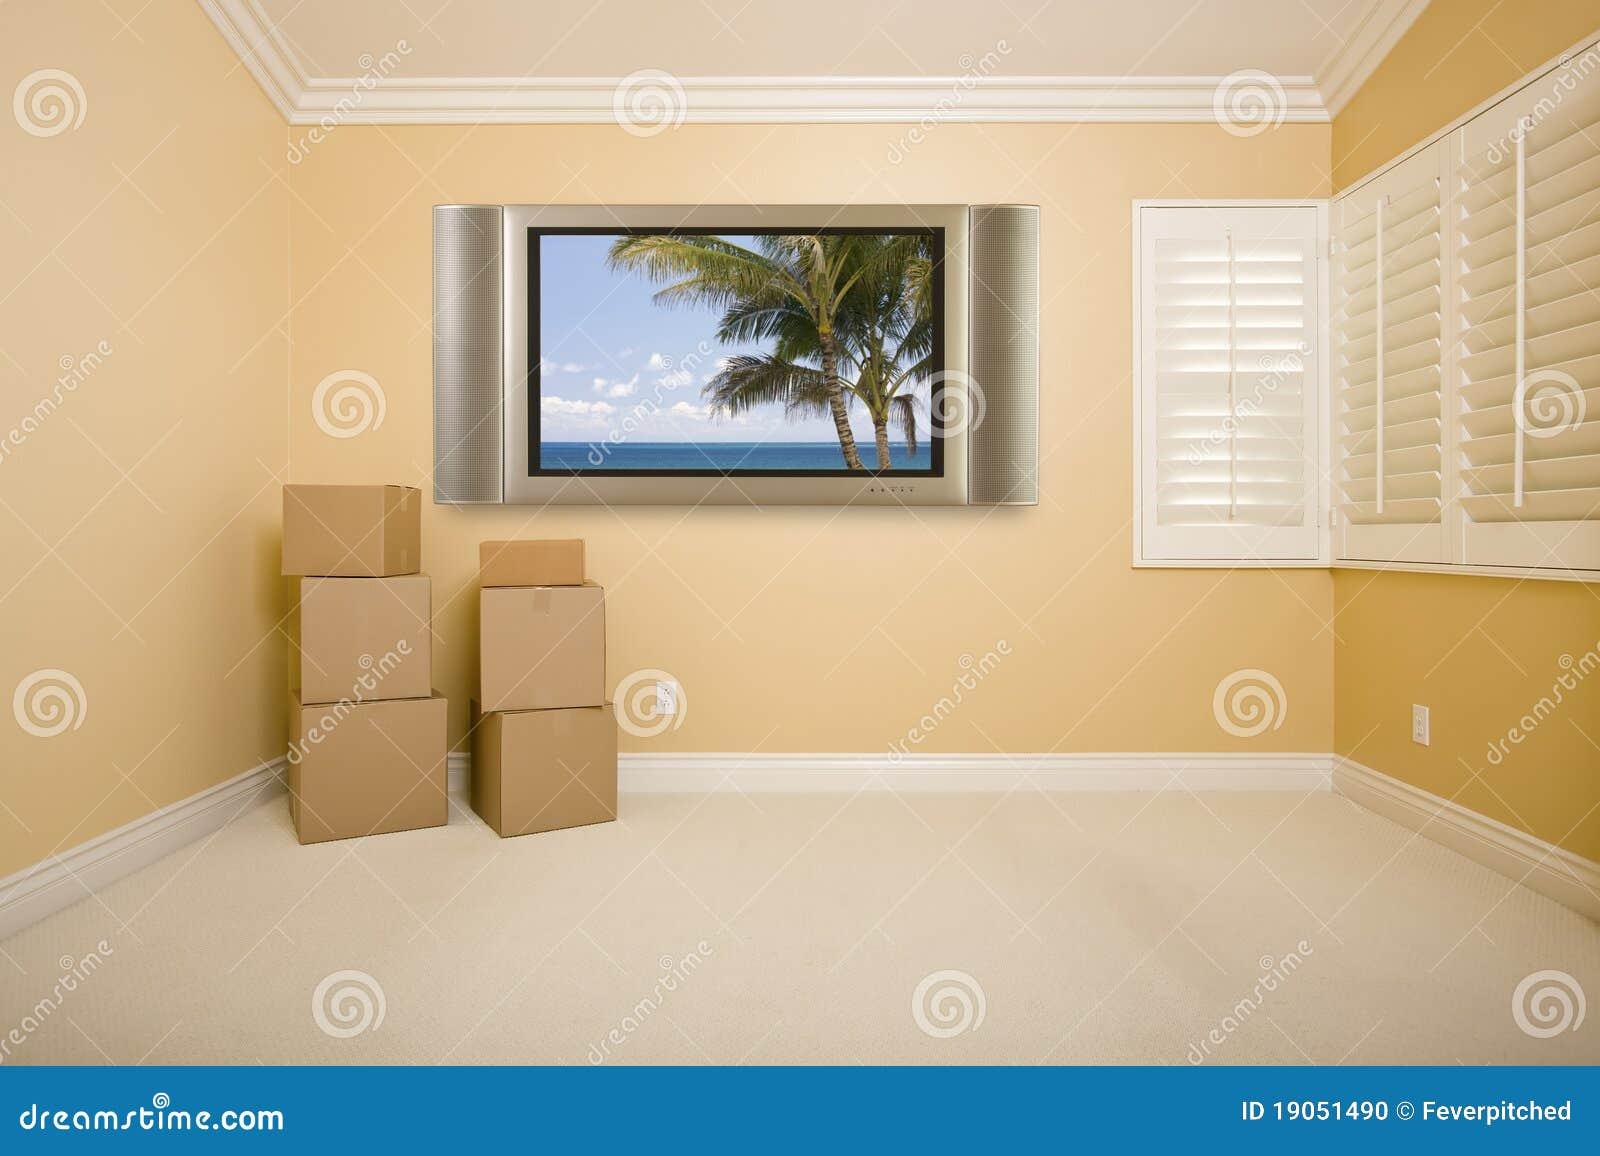 T l vision plate sur le mur dans la chambre vide avec des for Chambre vide